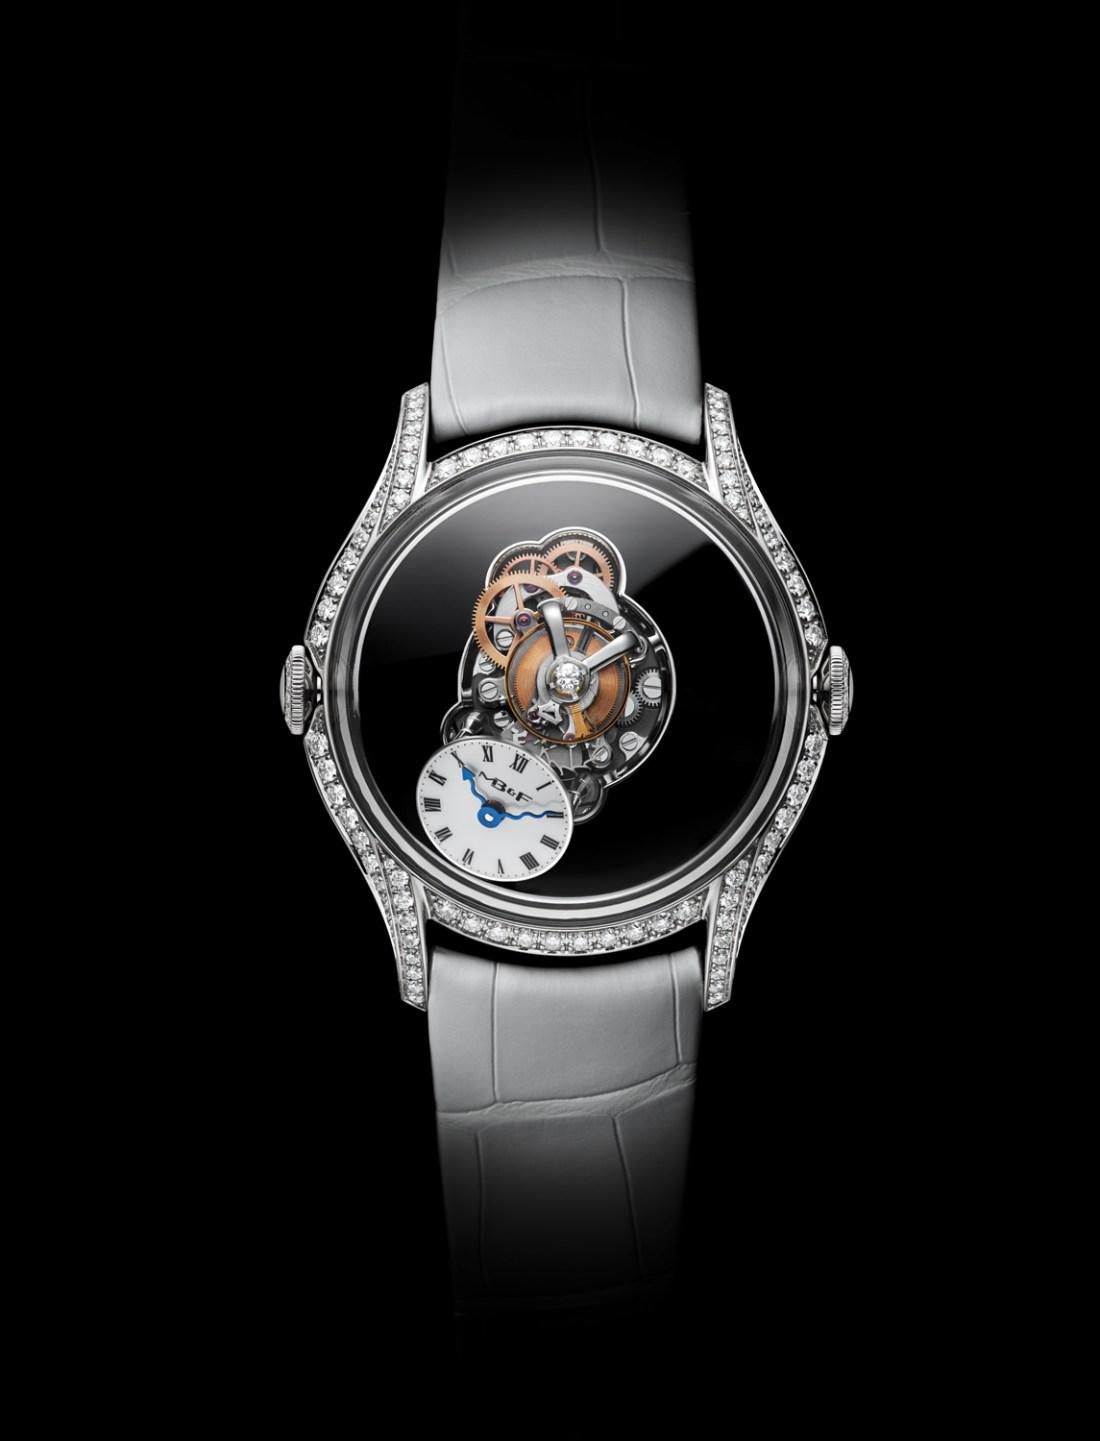 Reloj con correas plateadas y caratula con pequeños diamantes